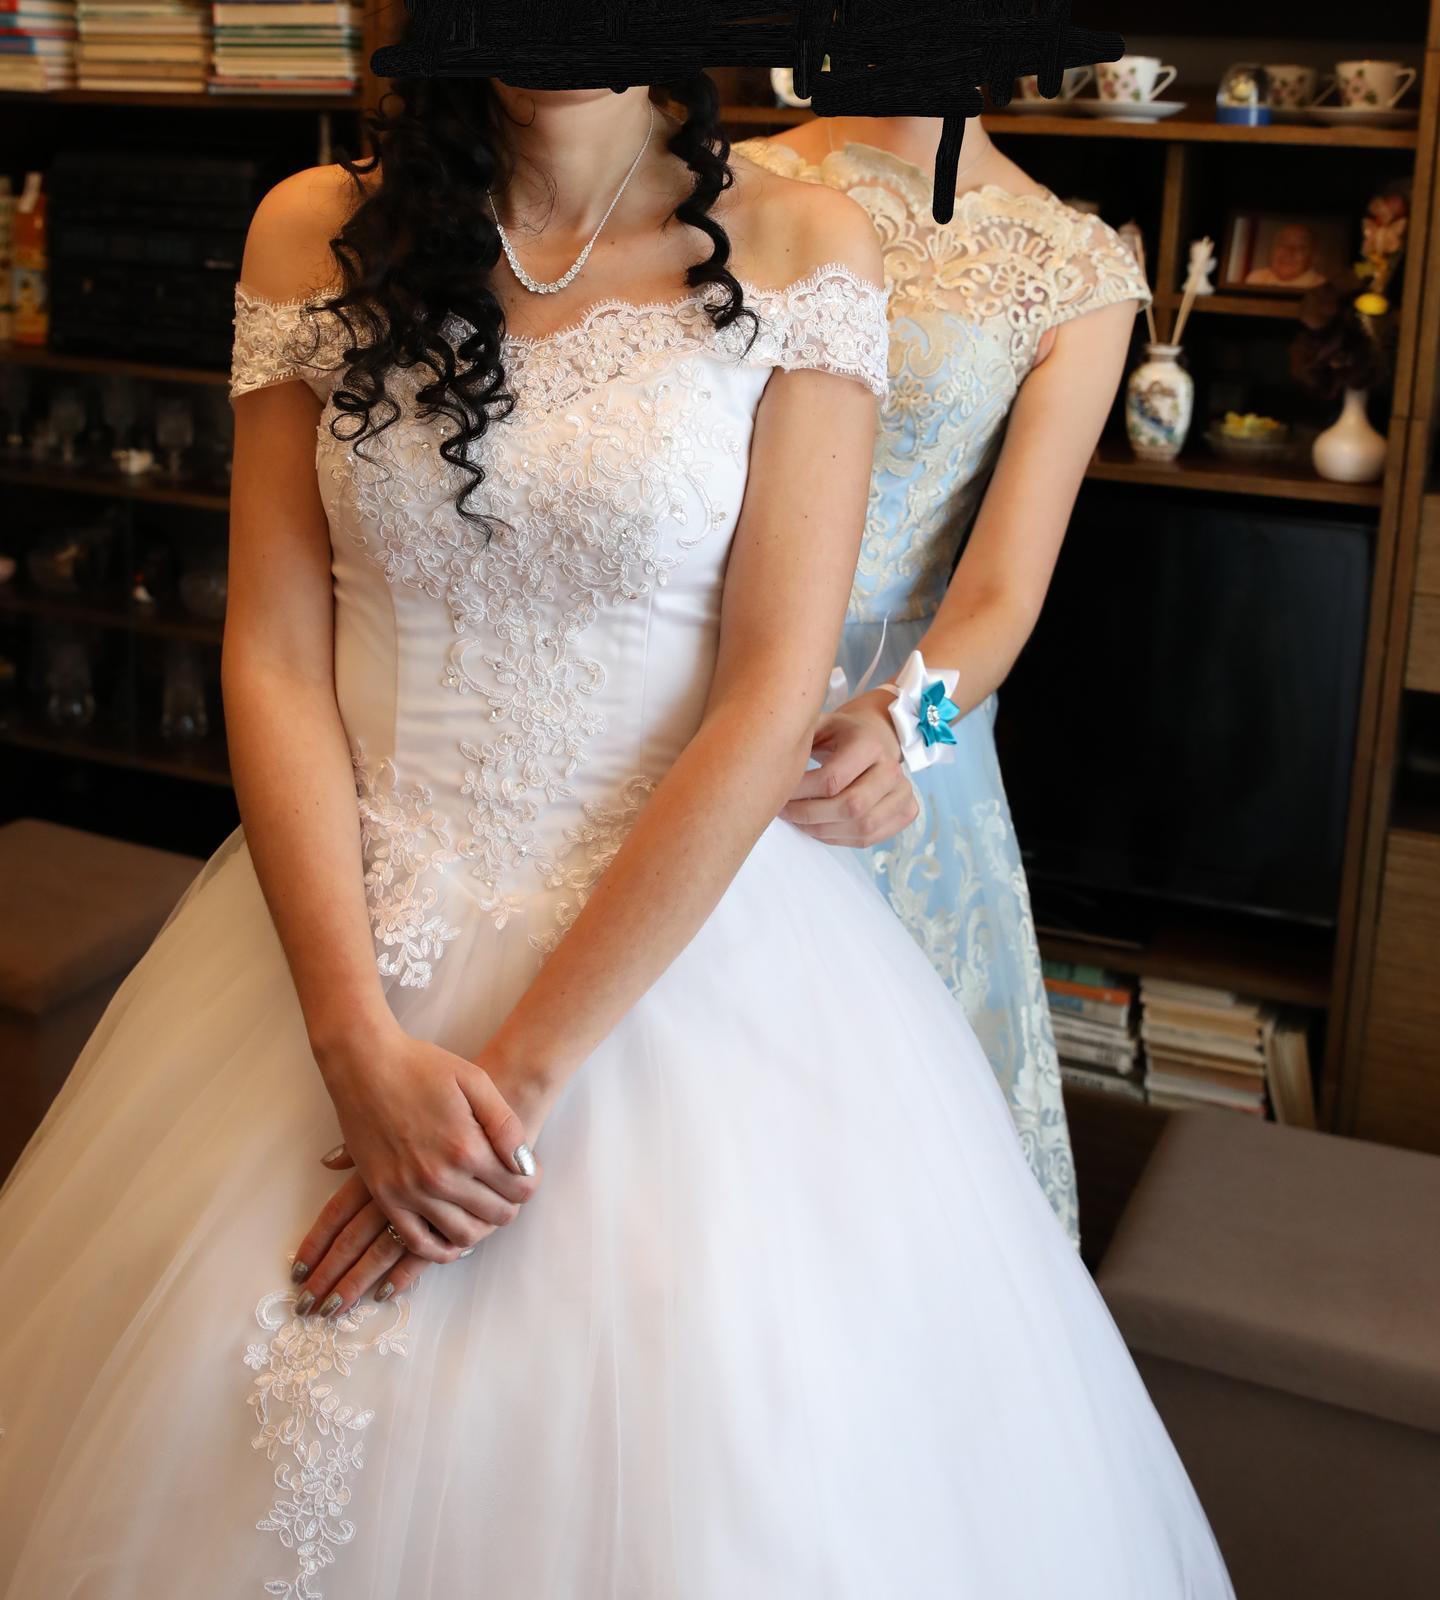 Svadobné šaty princeznovské 34-36 - Obrázok č. 3